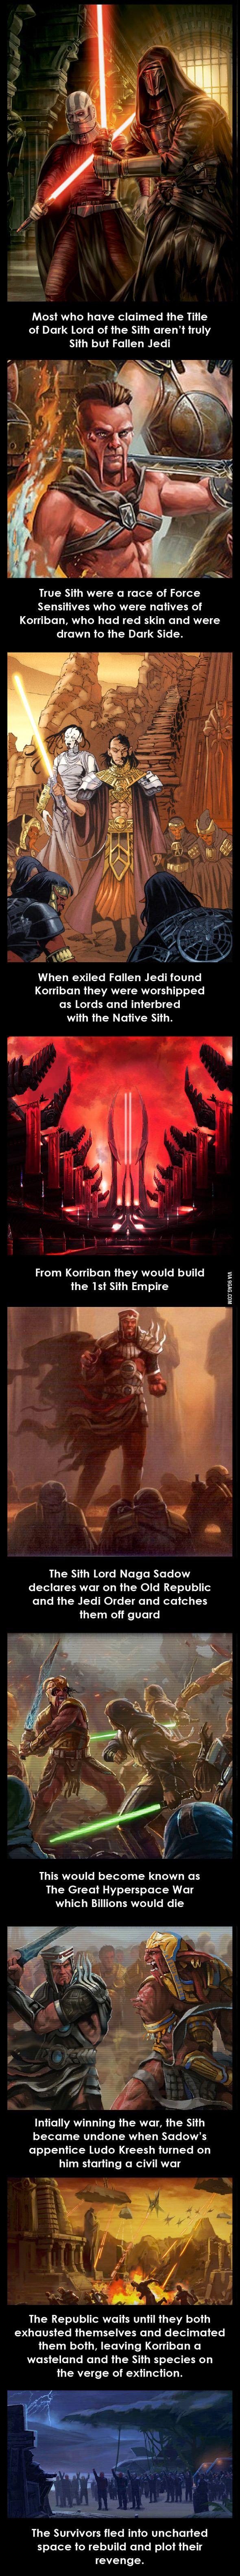 El origen de los Sith (Pre-Disney)